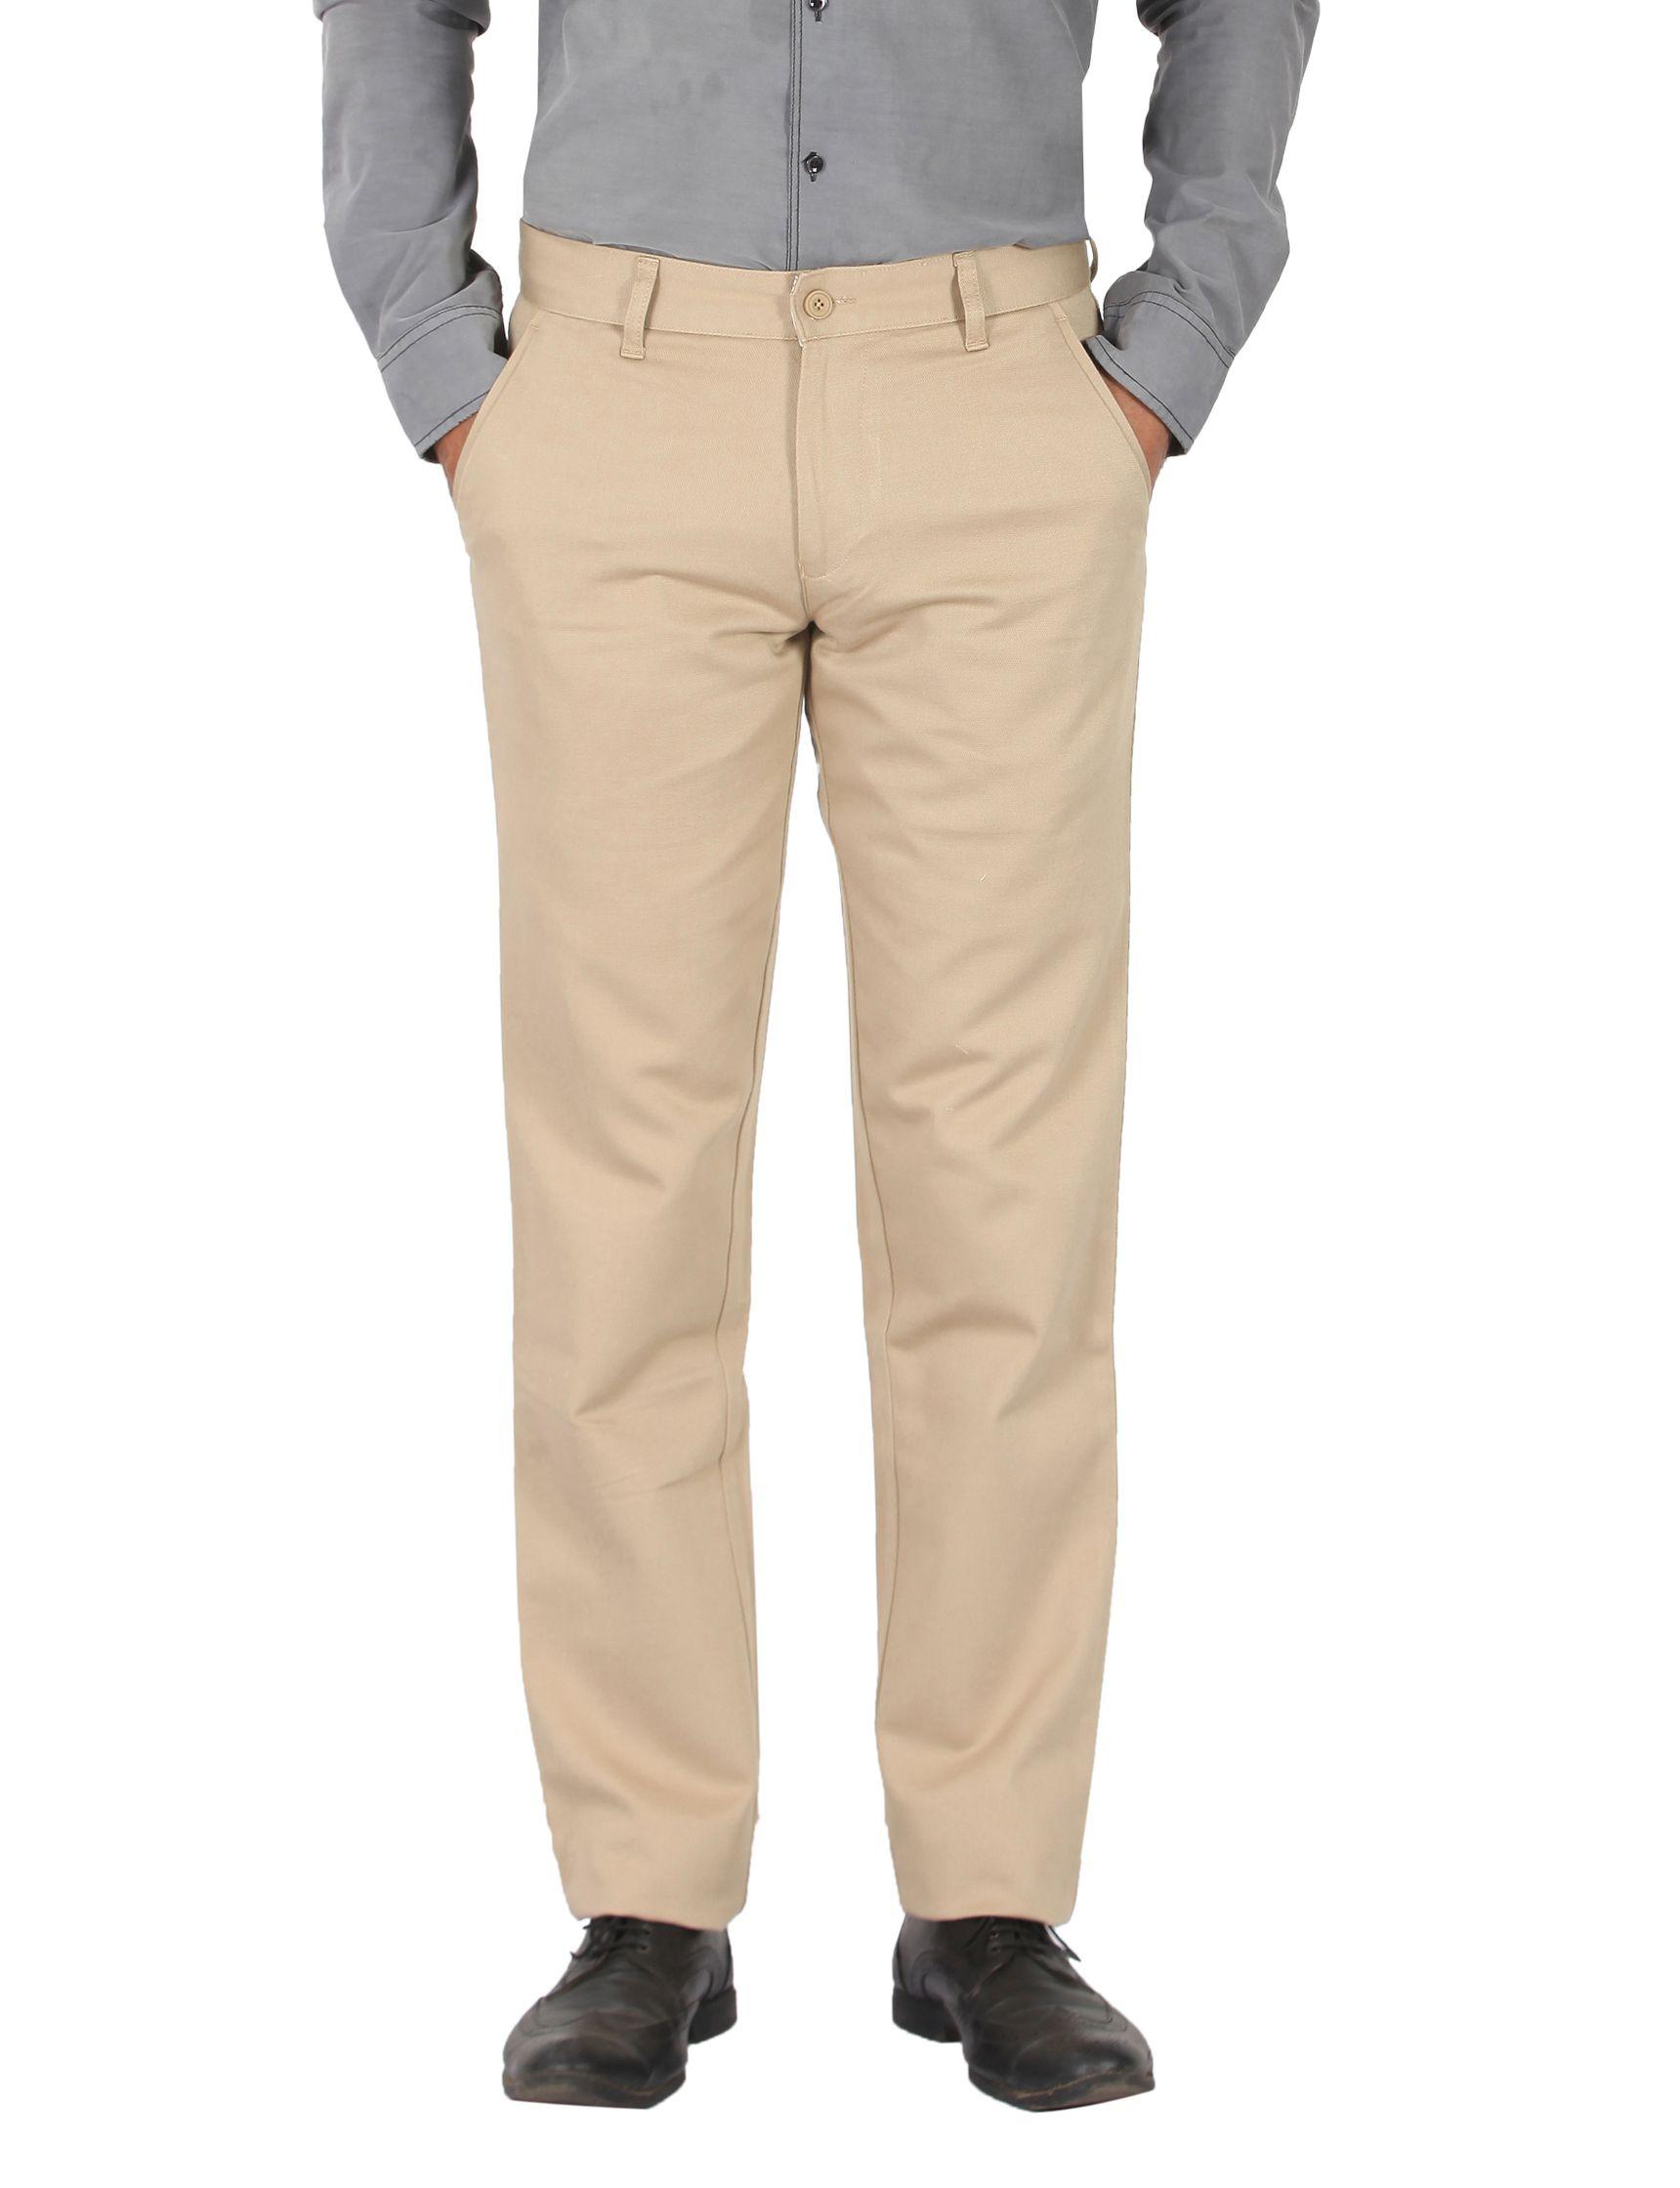 Pecos Bill Beige Slim -Fit Flat Trousers